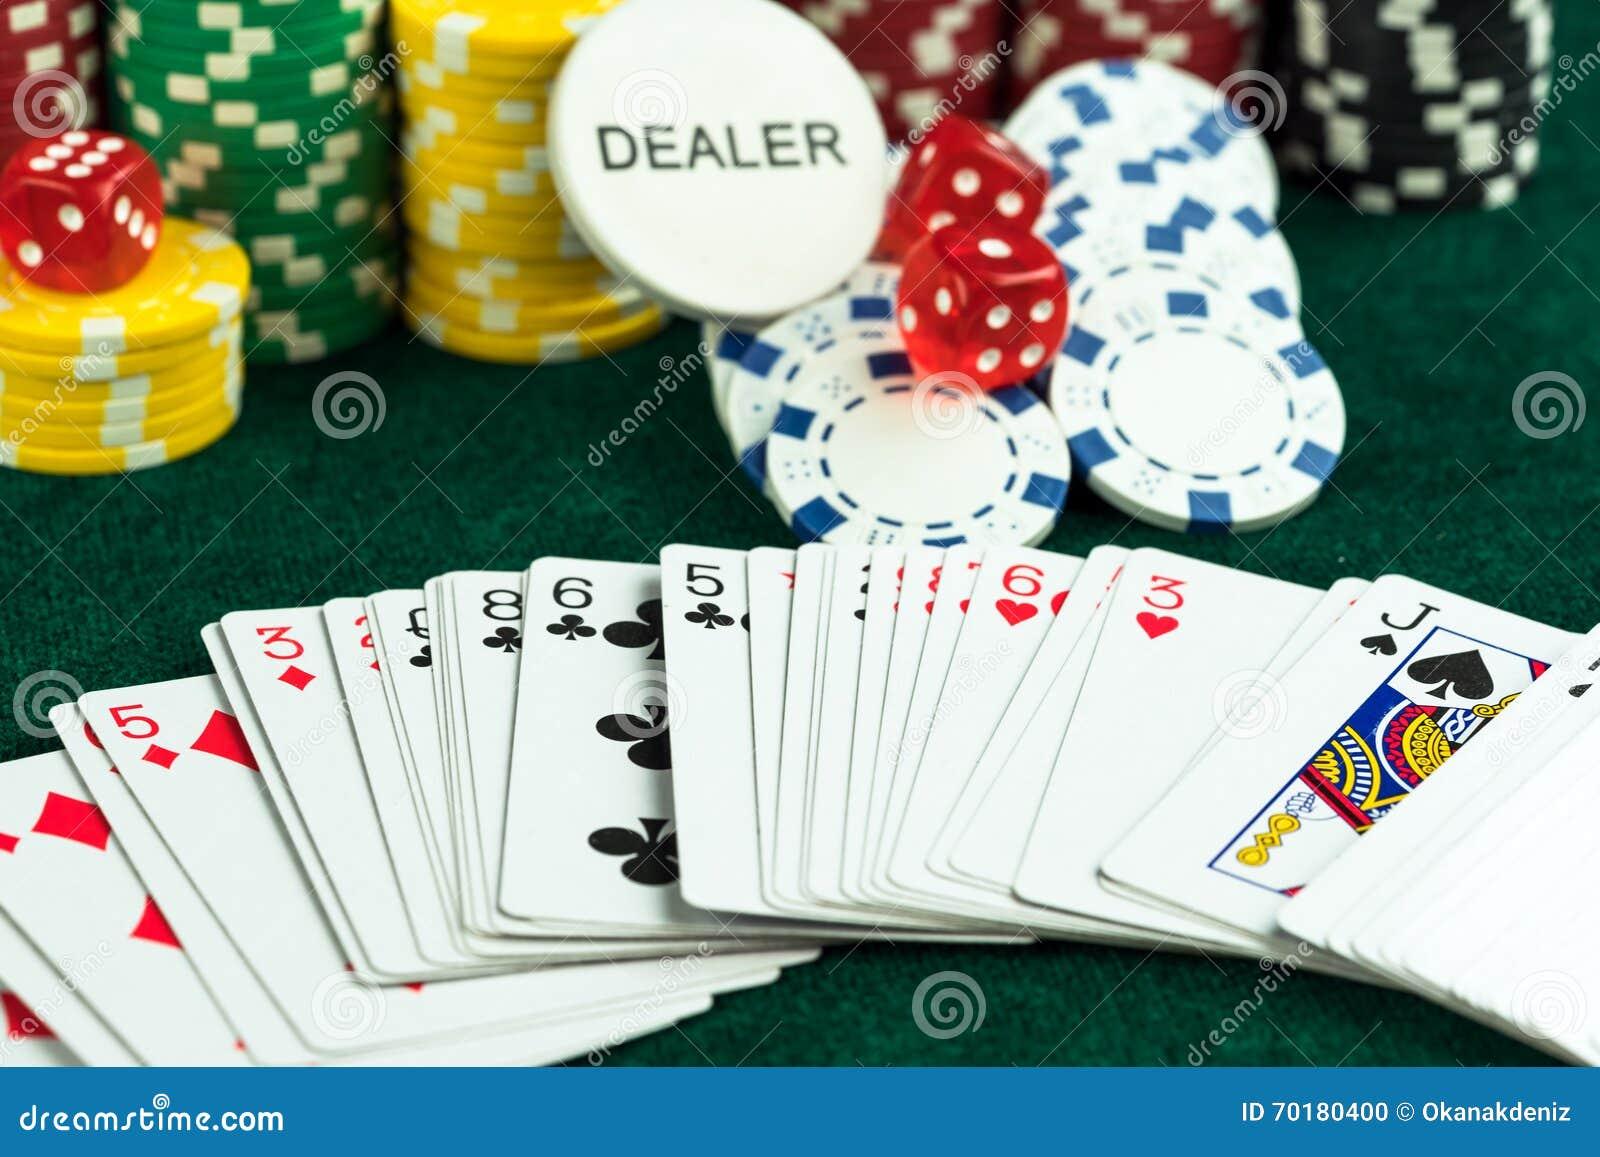 Азартные игры покер на костях игровые автоматы бесплатно мега дж